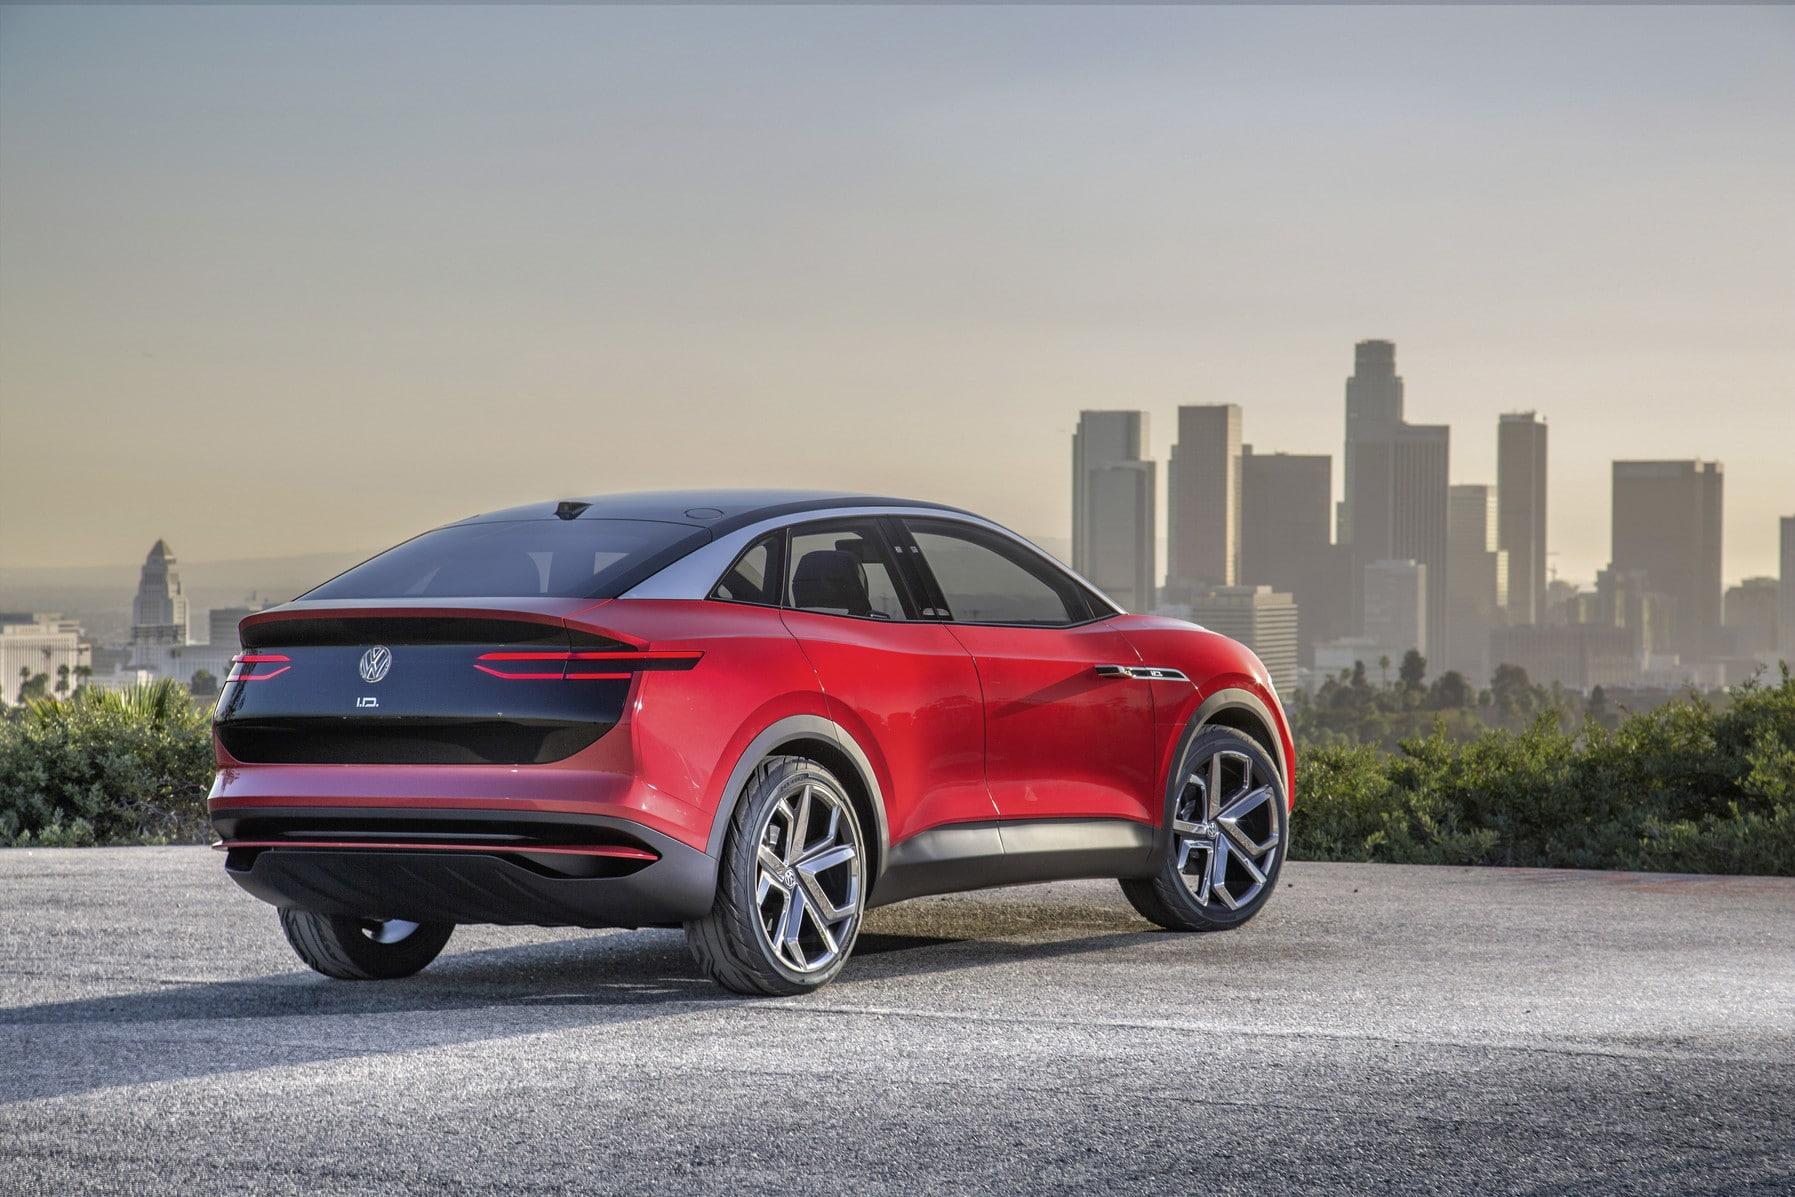 Die I.D.-Familie von Volkswagen auf der Los Angeles Auto Show 2017